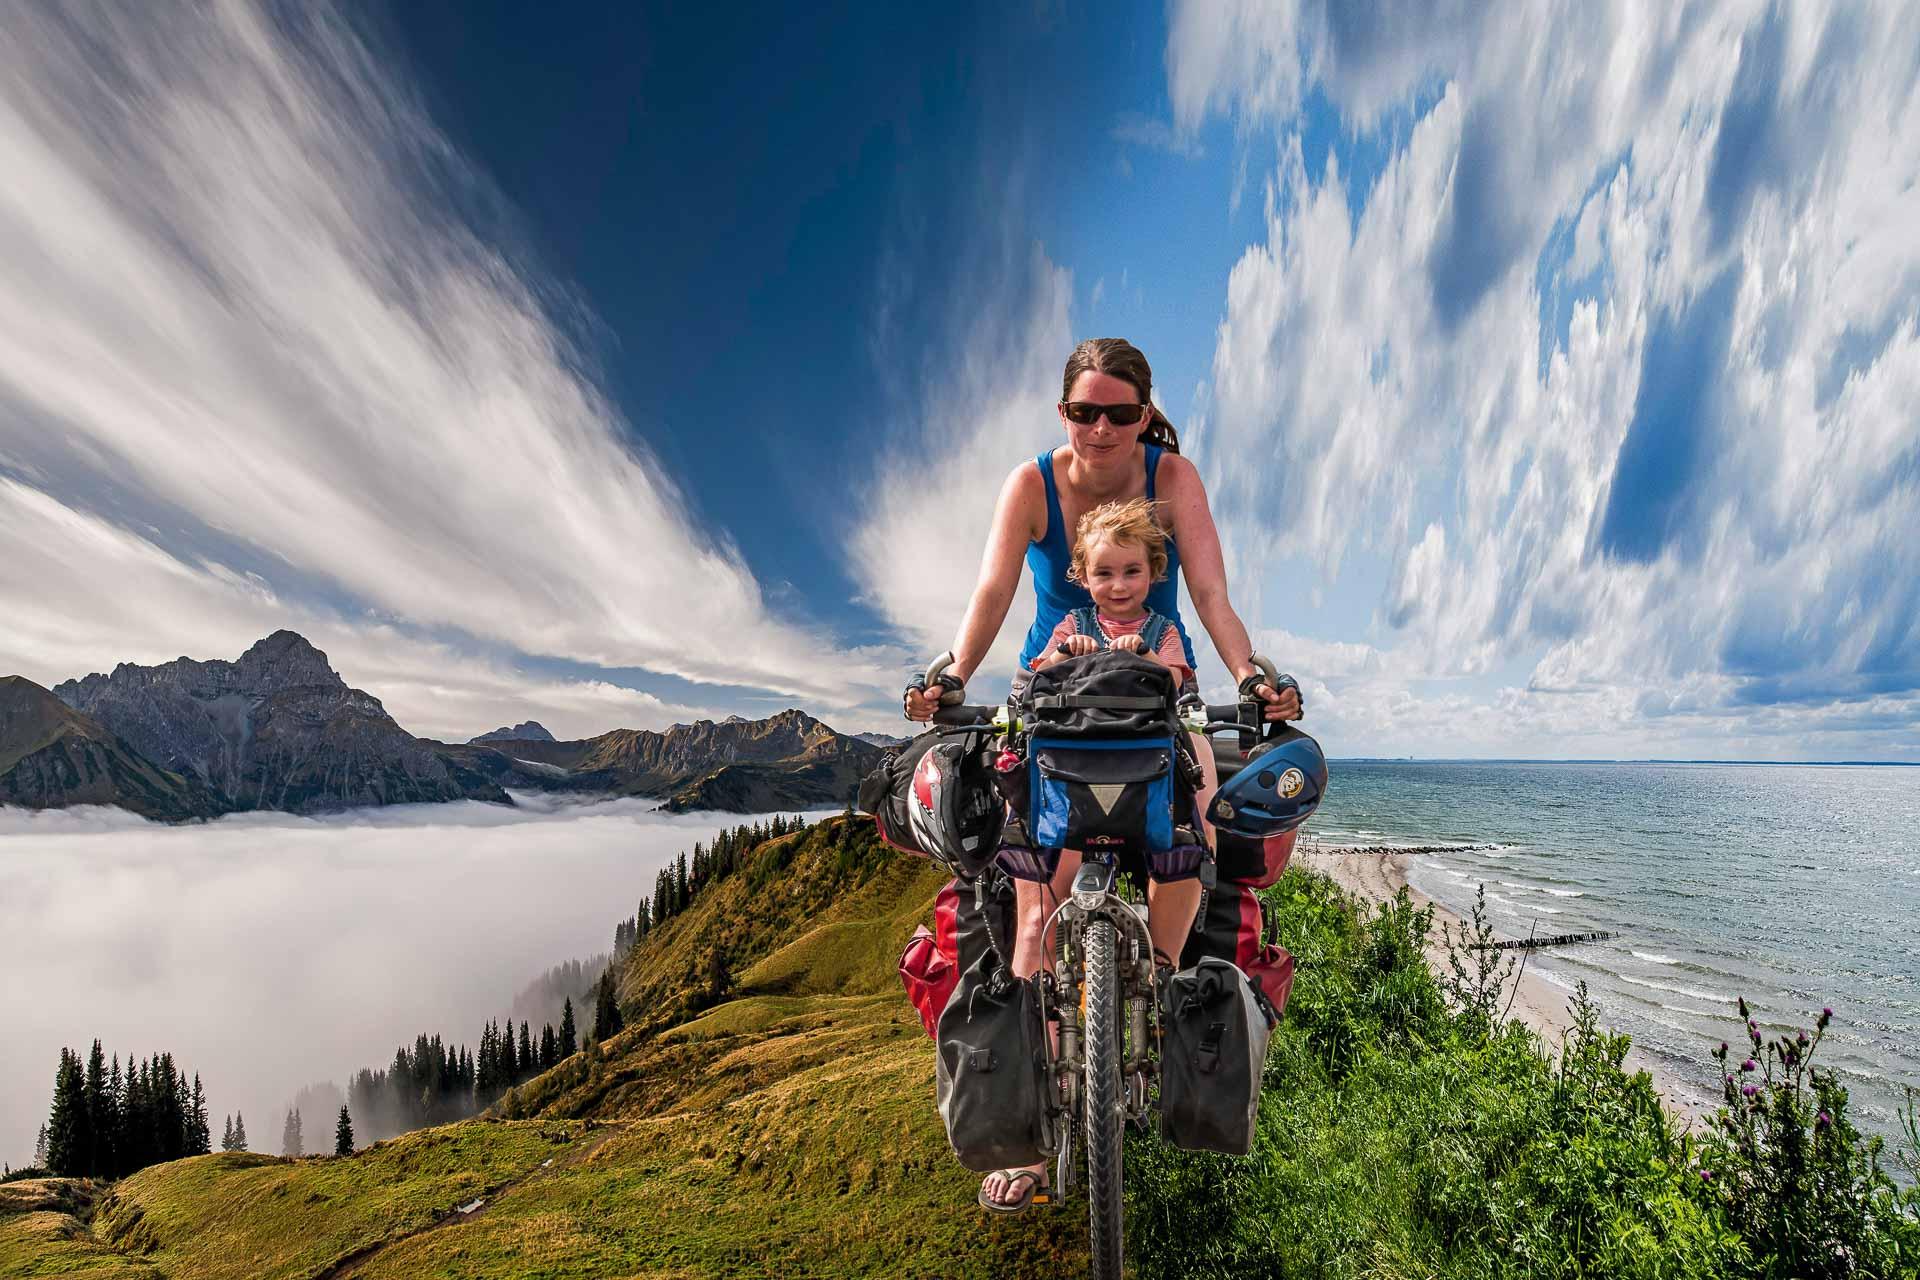 Mit dem Fahrrad von den Bergen ans Meer